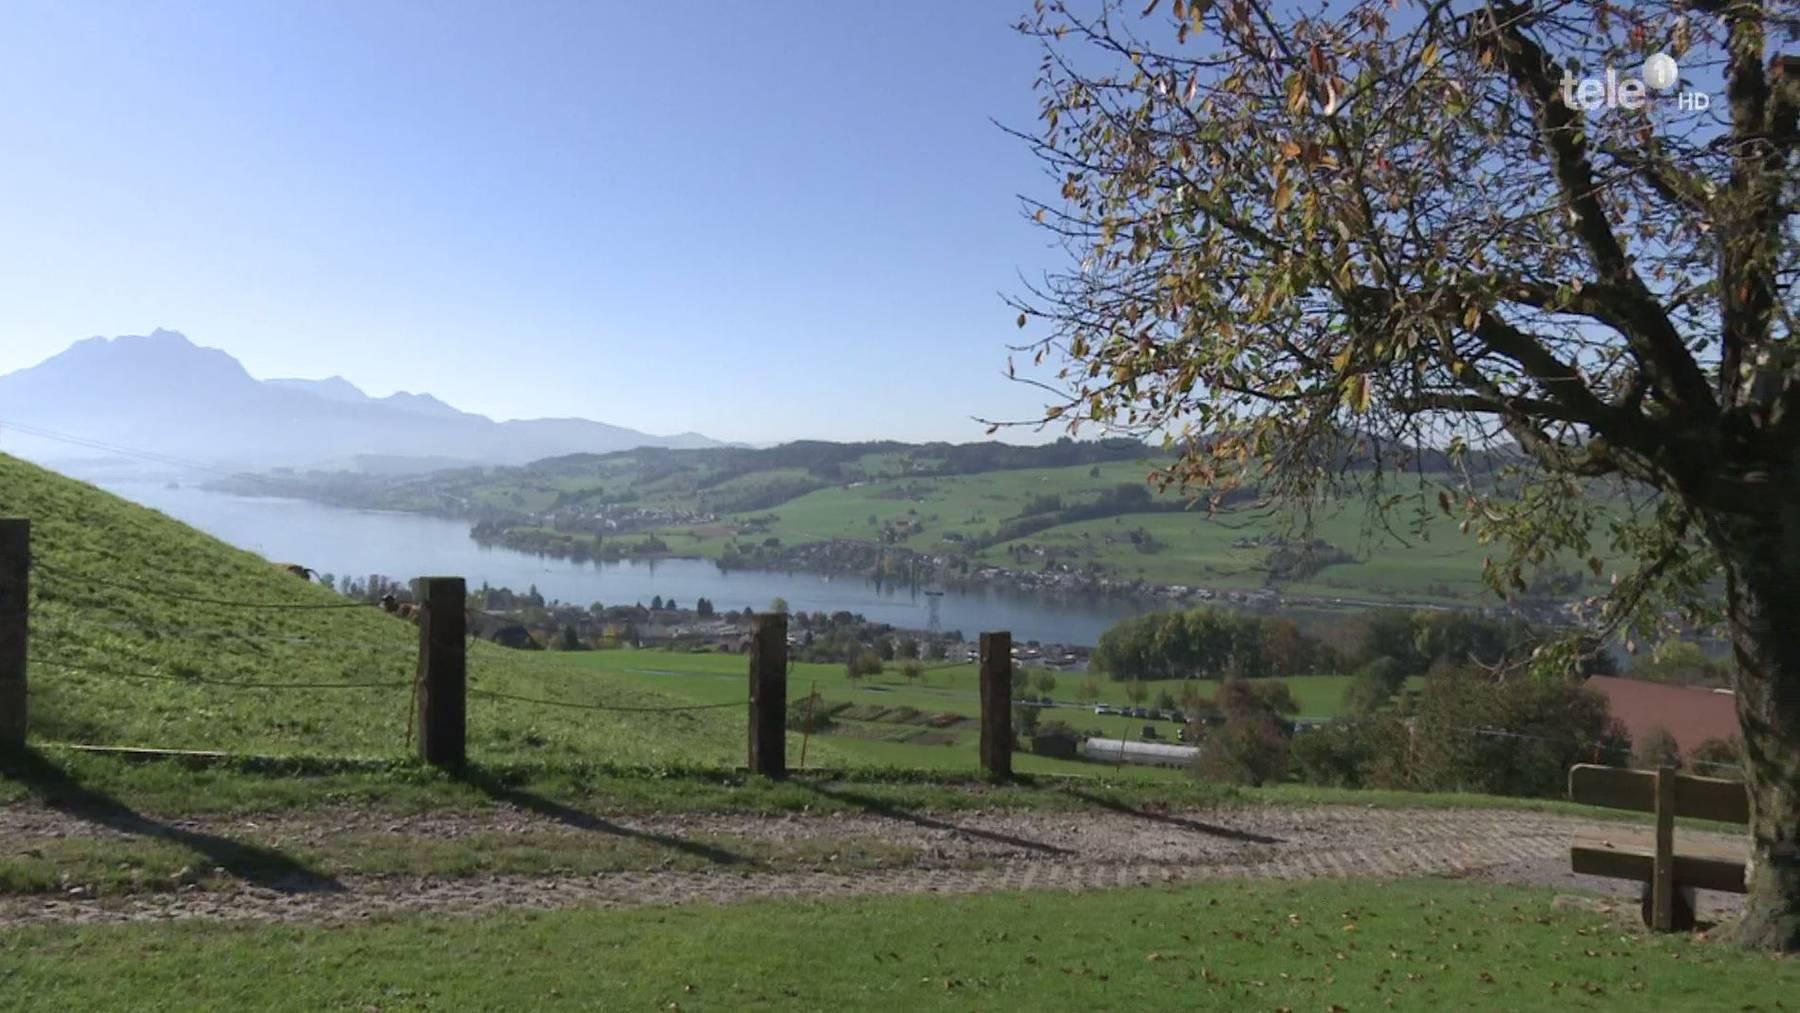 Zentralschweiz: Freizeitangebote profitieren vom schönen Herbstwetter